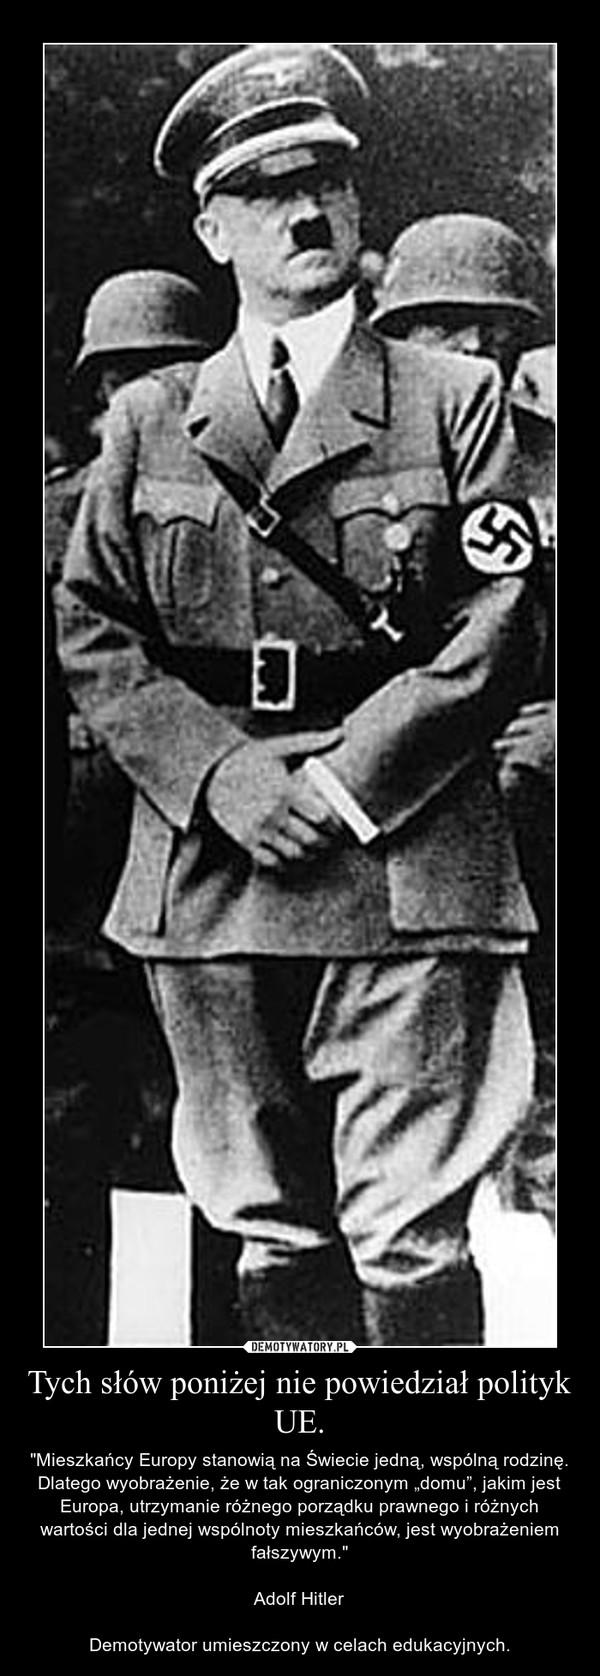 """Tych słów poniżej nie powiedział polityk UE. – """"Mieszkańcy Europy stanowią na Świecie jedną, wspólną rodzinę. Dlatego wyobrażenie, że w tak ograniczonym """"domu"""", jakim jest Europa, utrzymanie różnego porządku prawnego i różnych wartości dla jednej wspólnoty mieszkańców, jest wyobrażeniem fałszywym.""""Adolf HitlerDemotywator umieszczony w celach edukacyjnych."""